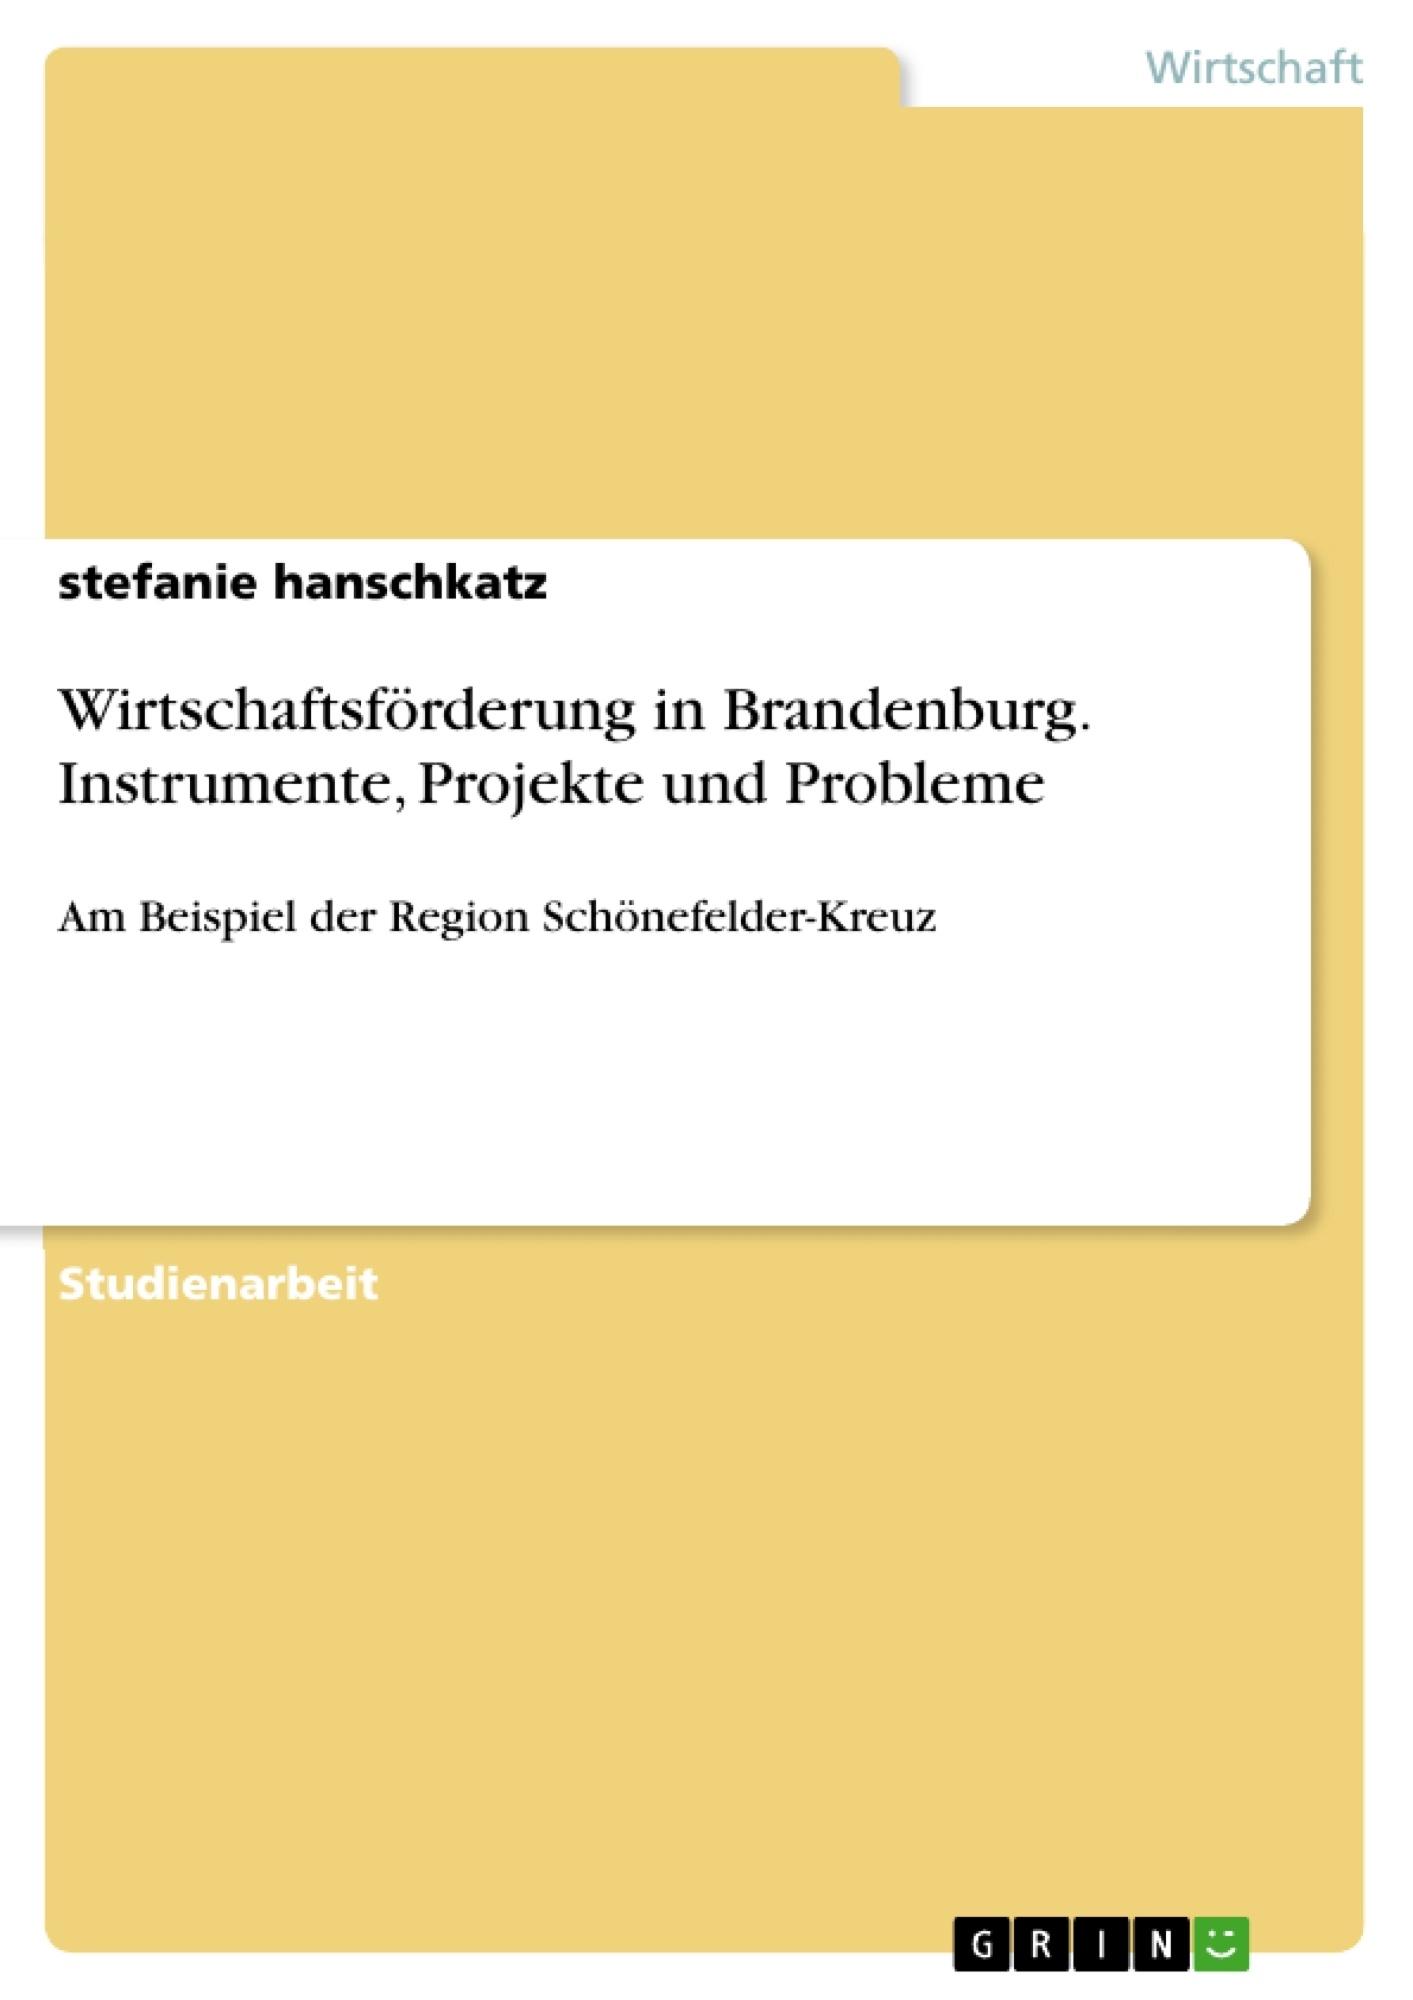 Titel: Wirtschaftsförderung in Brandenburg. Instrumente, Projekte und Probleme